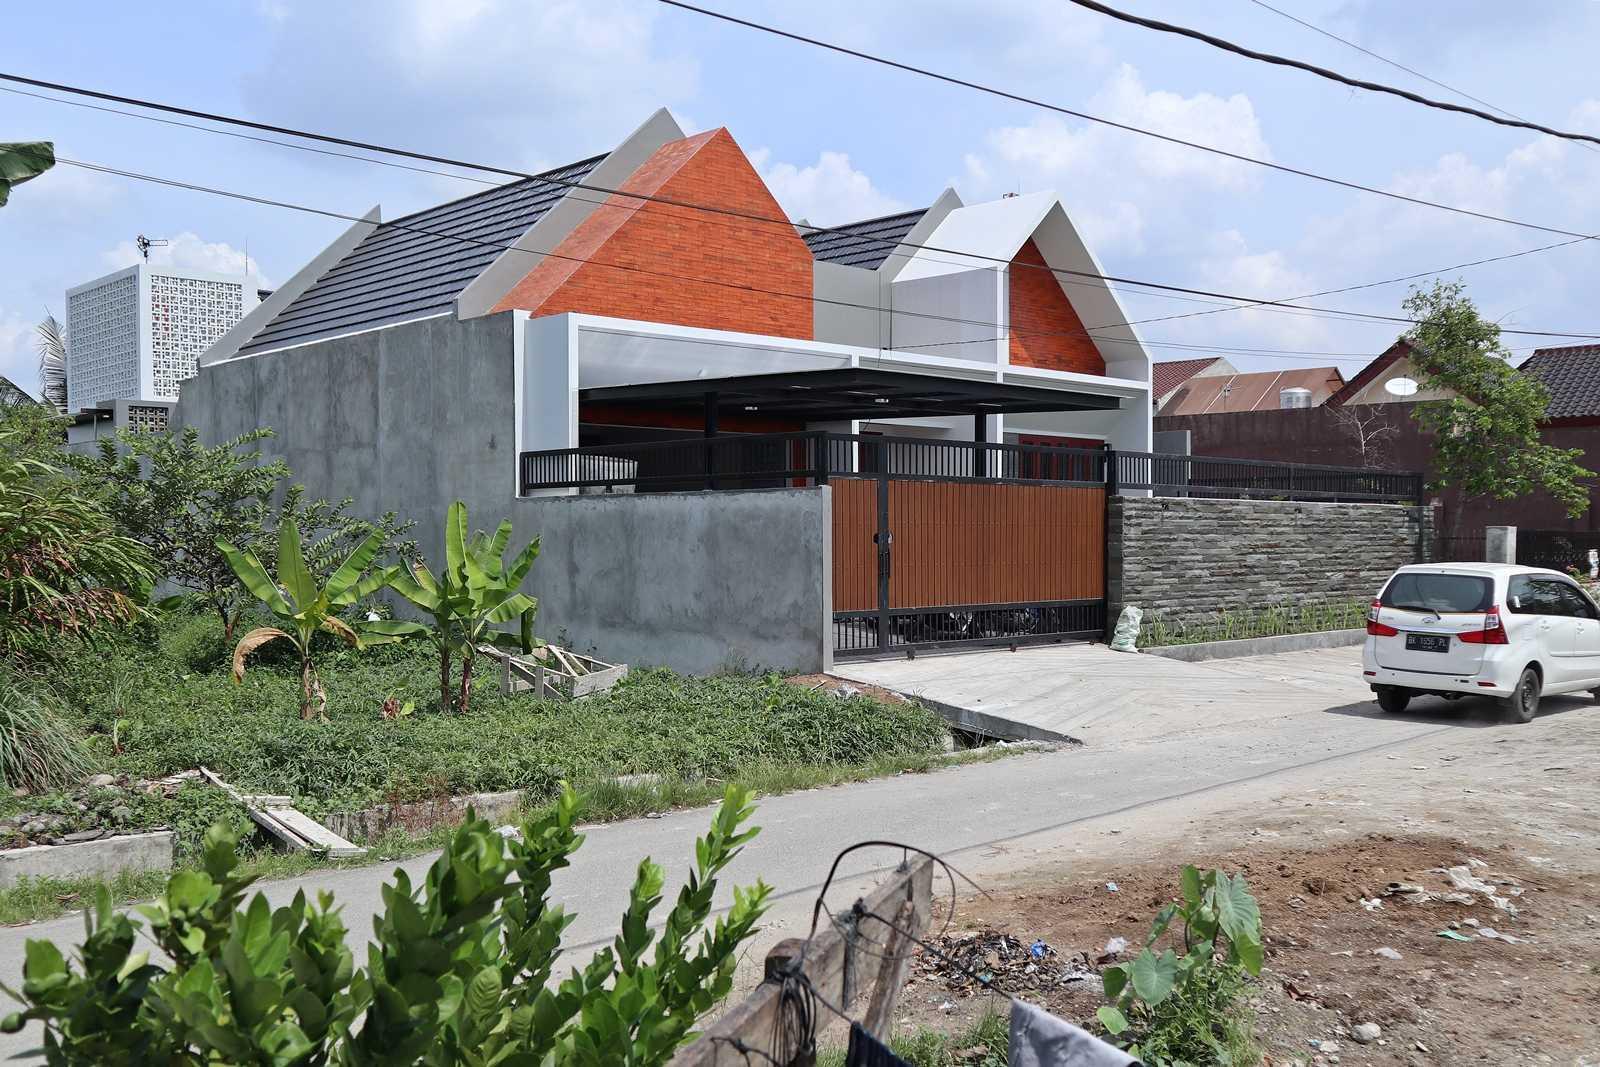 Bd Studio Ss Villa House Medan, Kota Medan, Sumatera Utara, Indonesia Medan, Kota Medan, Sumatera Utara, Indonesia Bd-Studio-Ss-Villa-House  74086